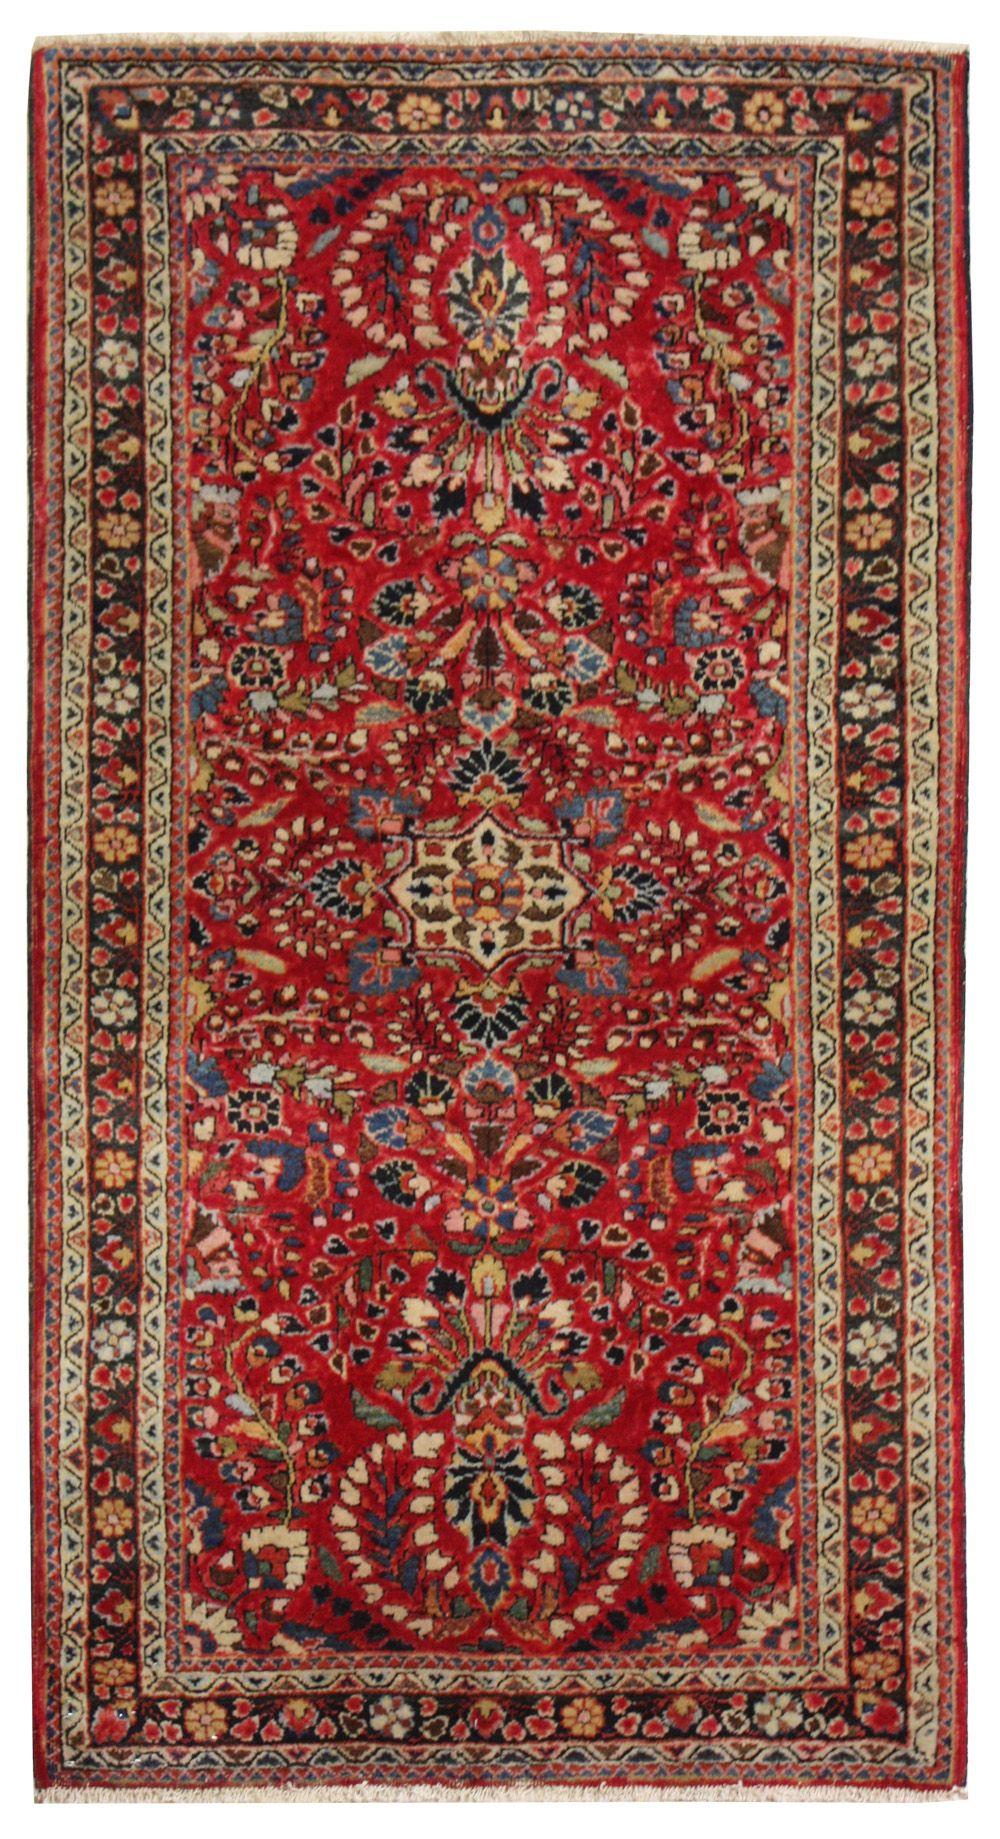 Cod. 10819 Saruk Antico 144x75 tappeto persiano antique